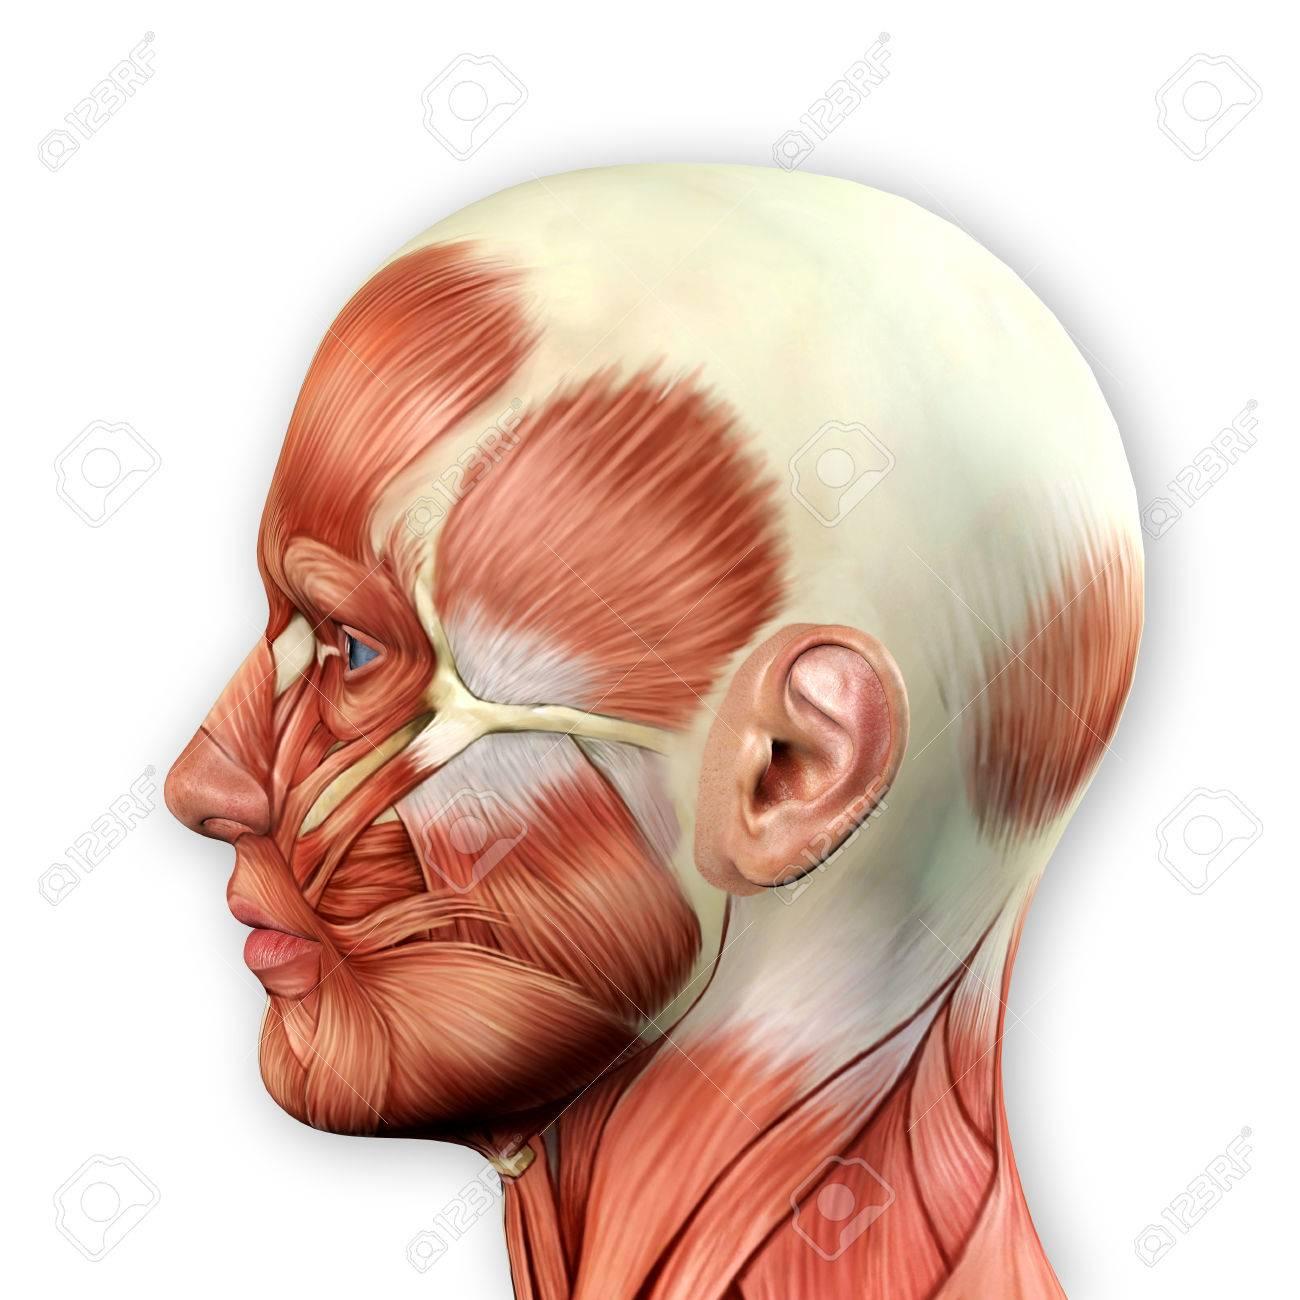 Männliches Gesicht Muskeln Anatomie 3D-Darstellung Lizenzfreie Fotos ...